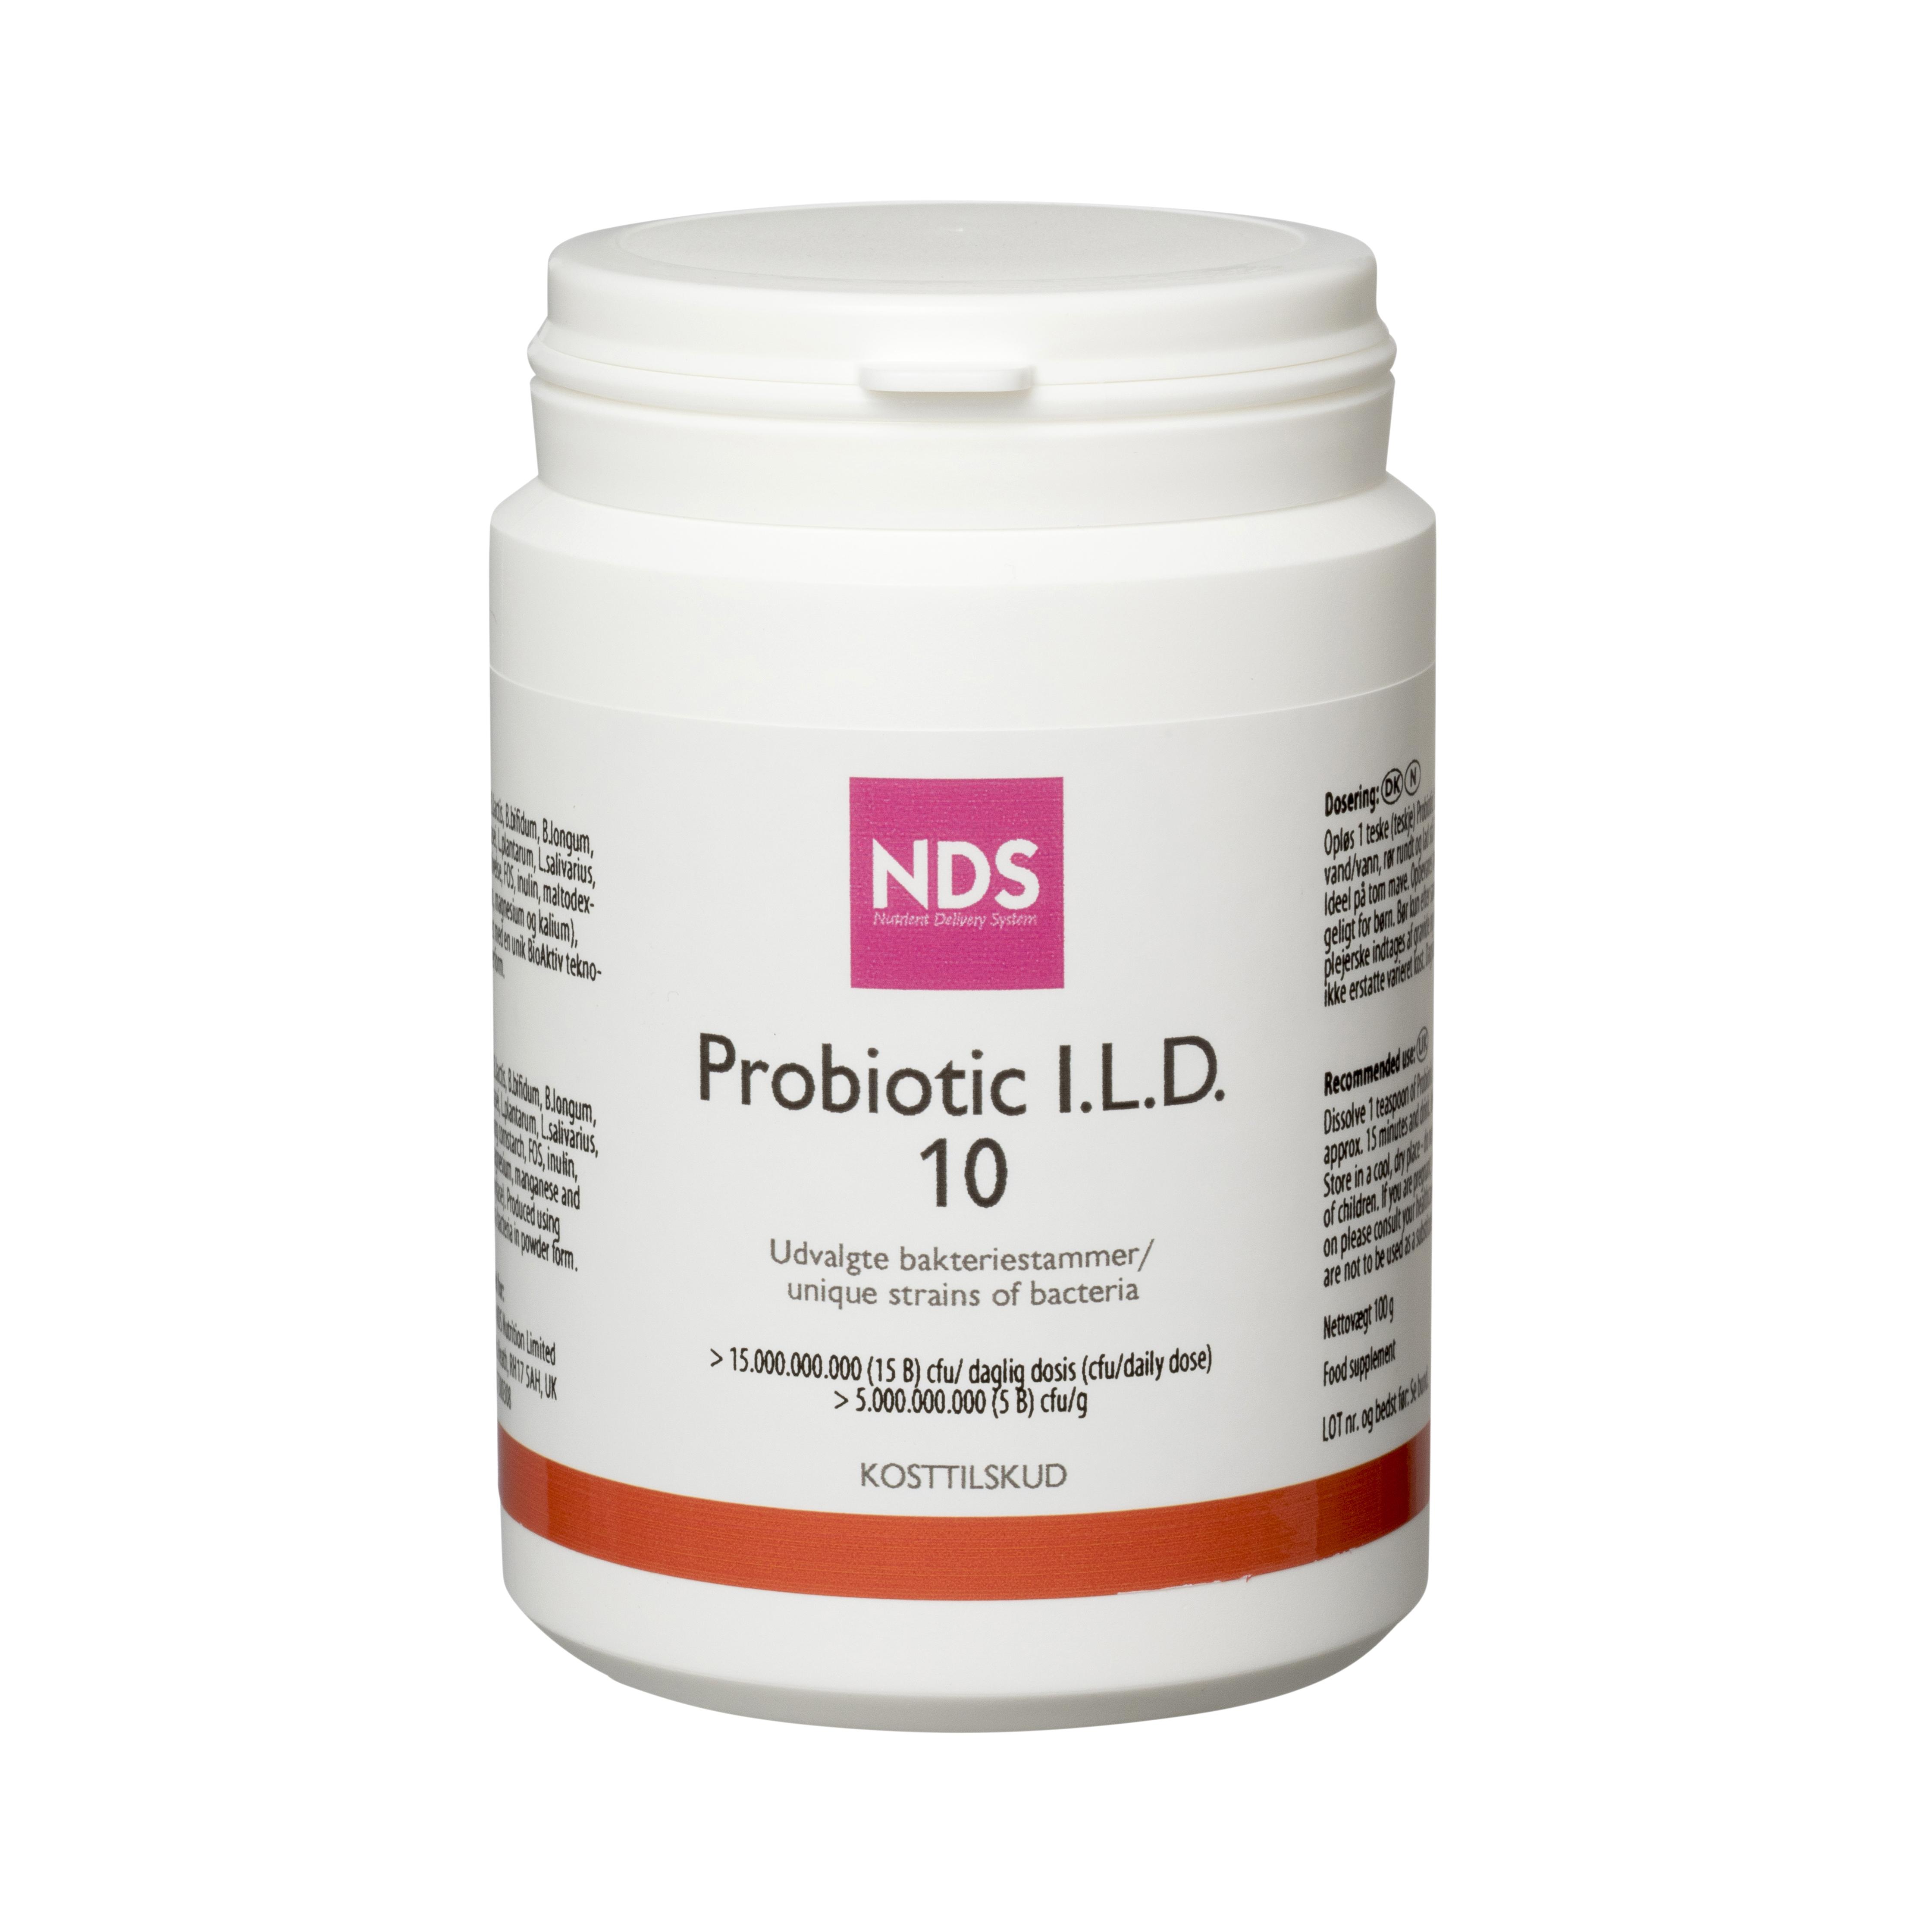 NDS Probiotic I.L.D. - 100 G